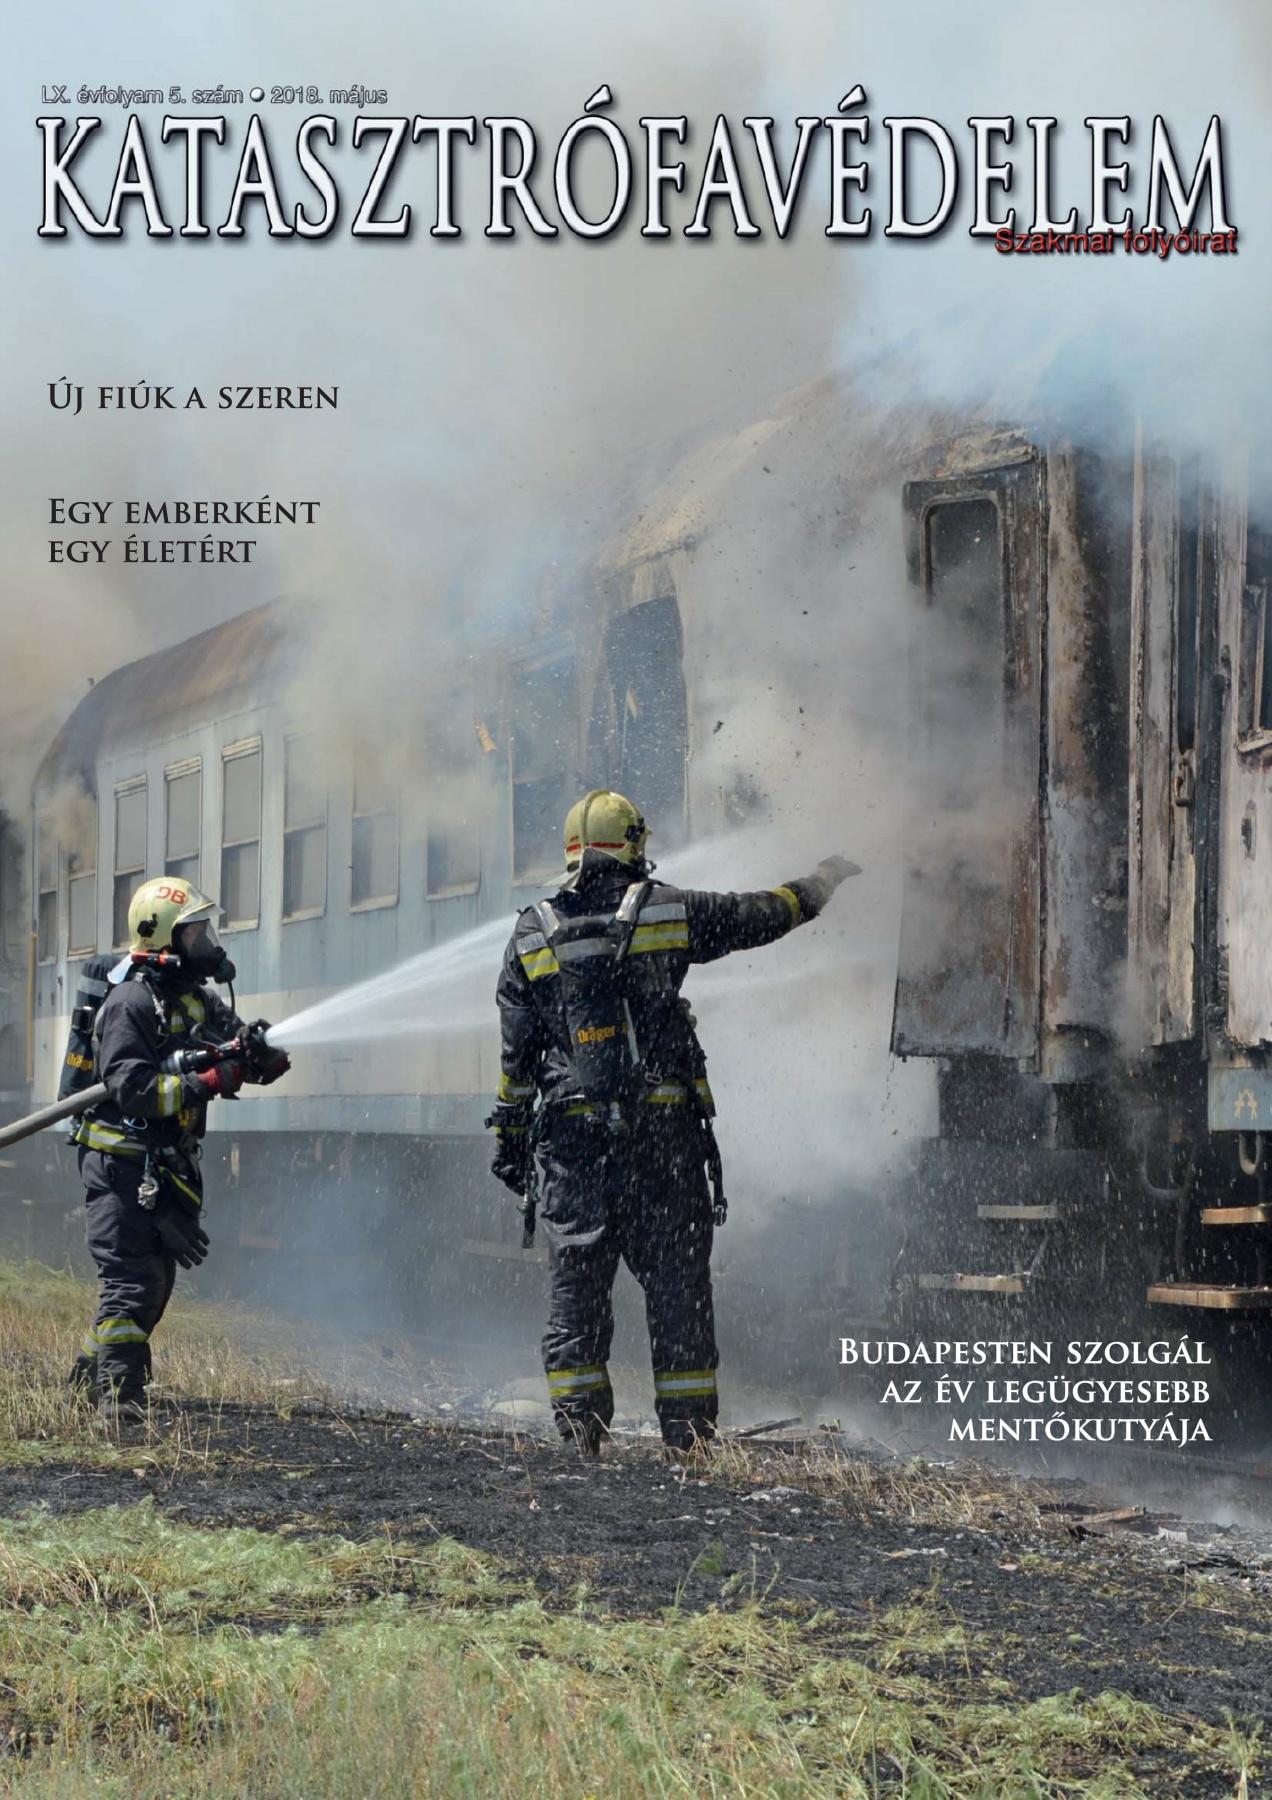 A Katasztrófavédelem magazin LX. évfolyam 5. szám megtekintése